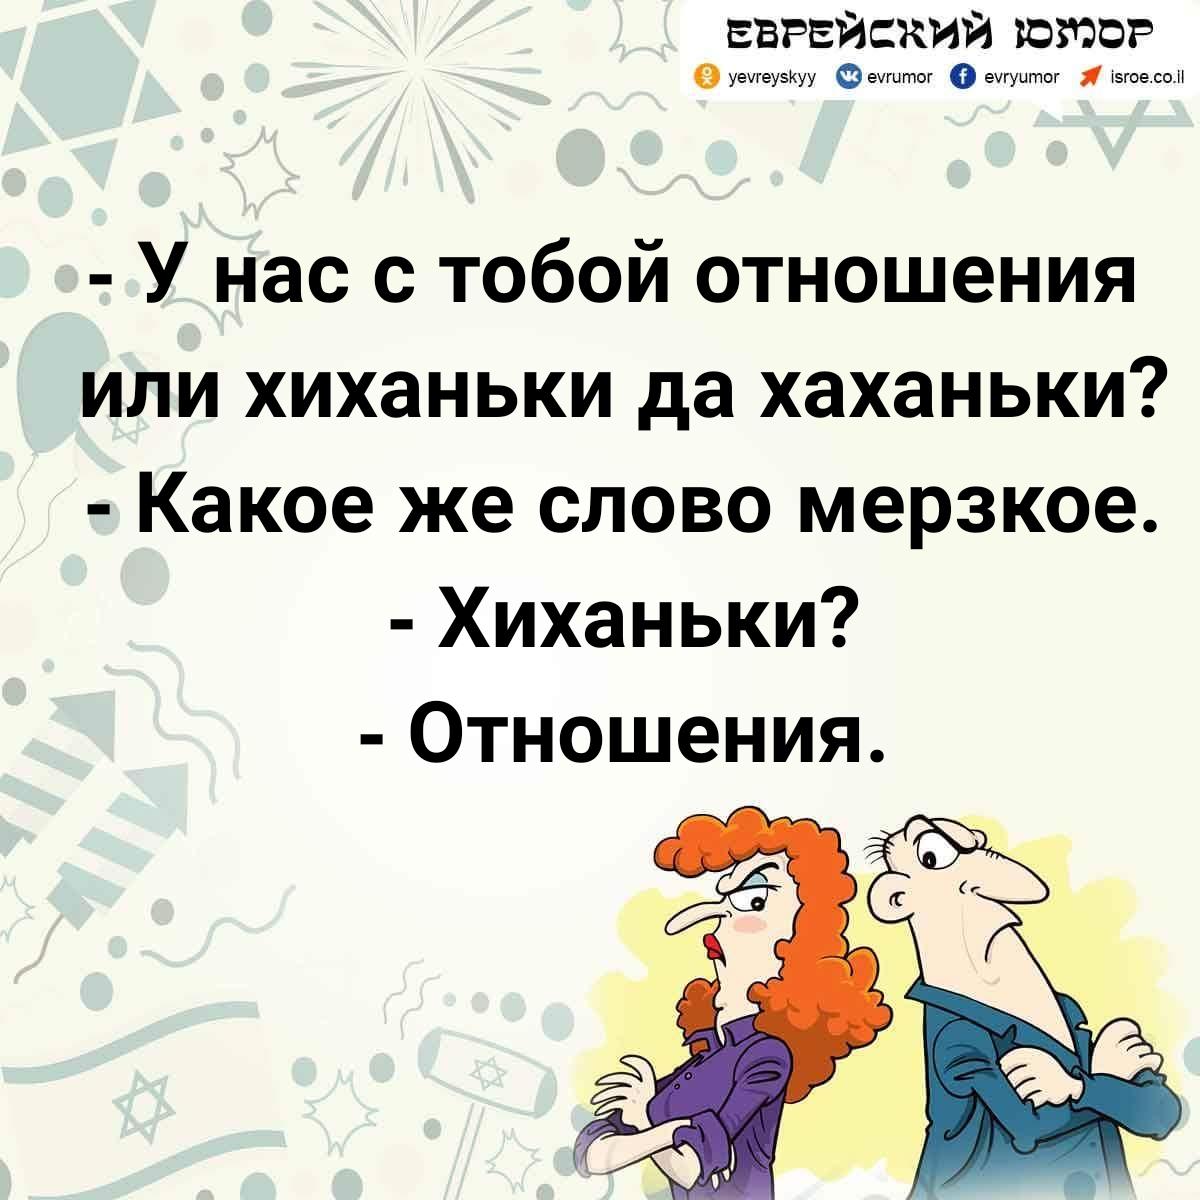 Еврейский юмор. Одесский анекдот. У нас с тобой...